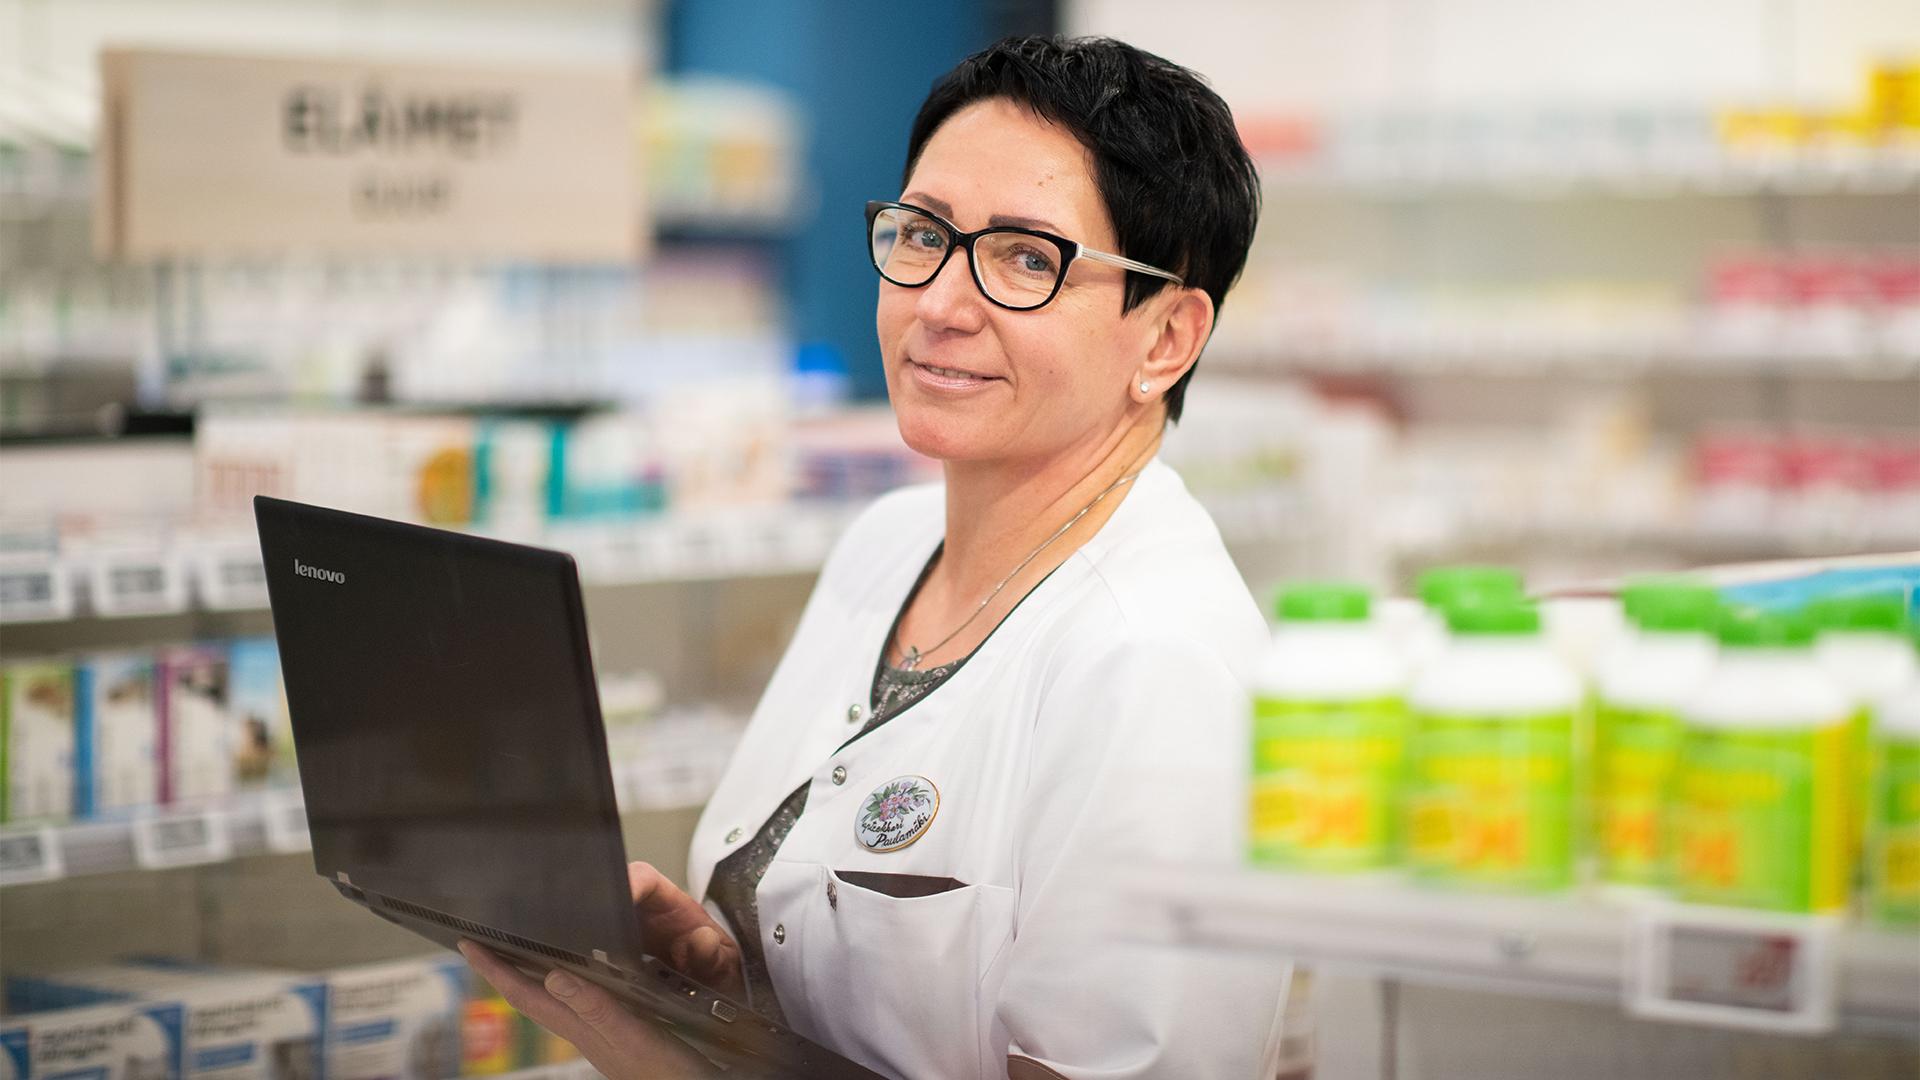 Koronavirusepidemia kuormittaa apteekin henkilökuntaa.